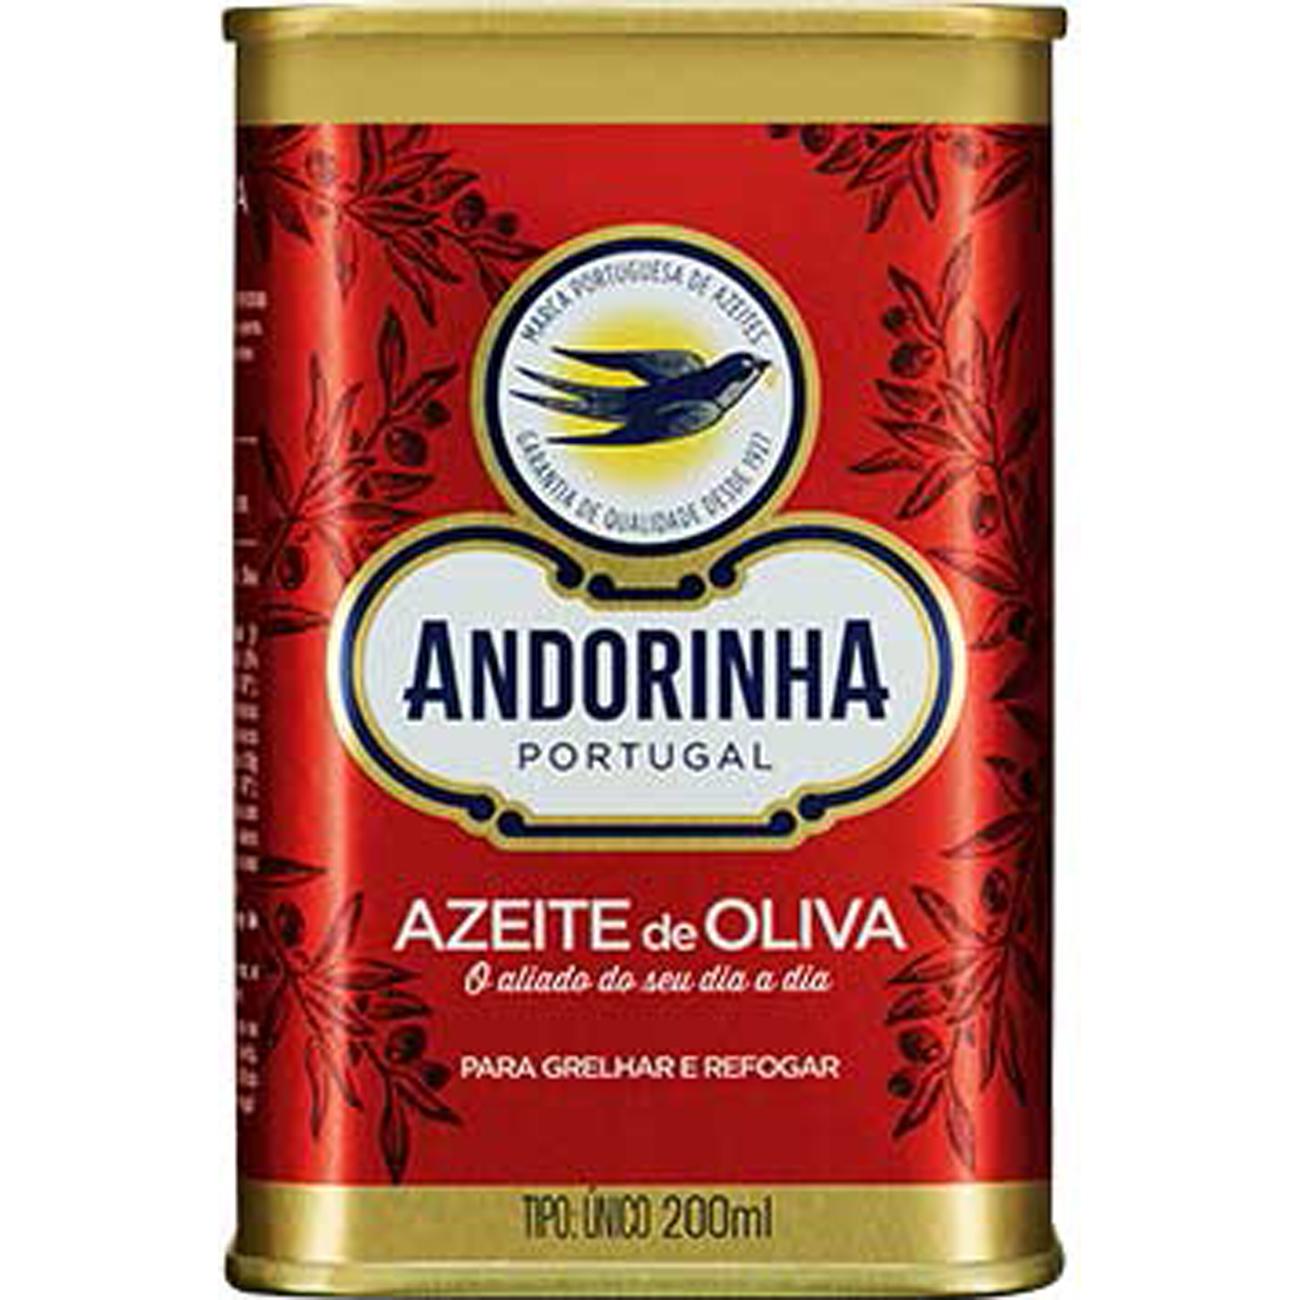 Azeite Andorinha 200Ml